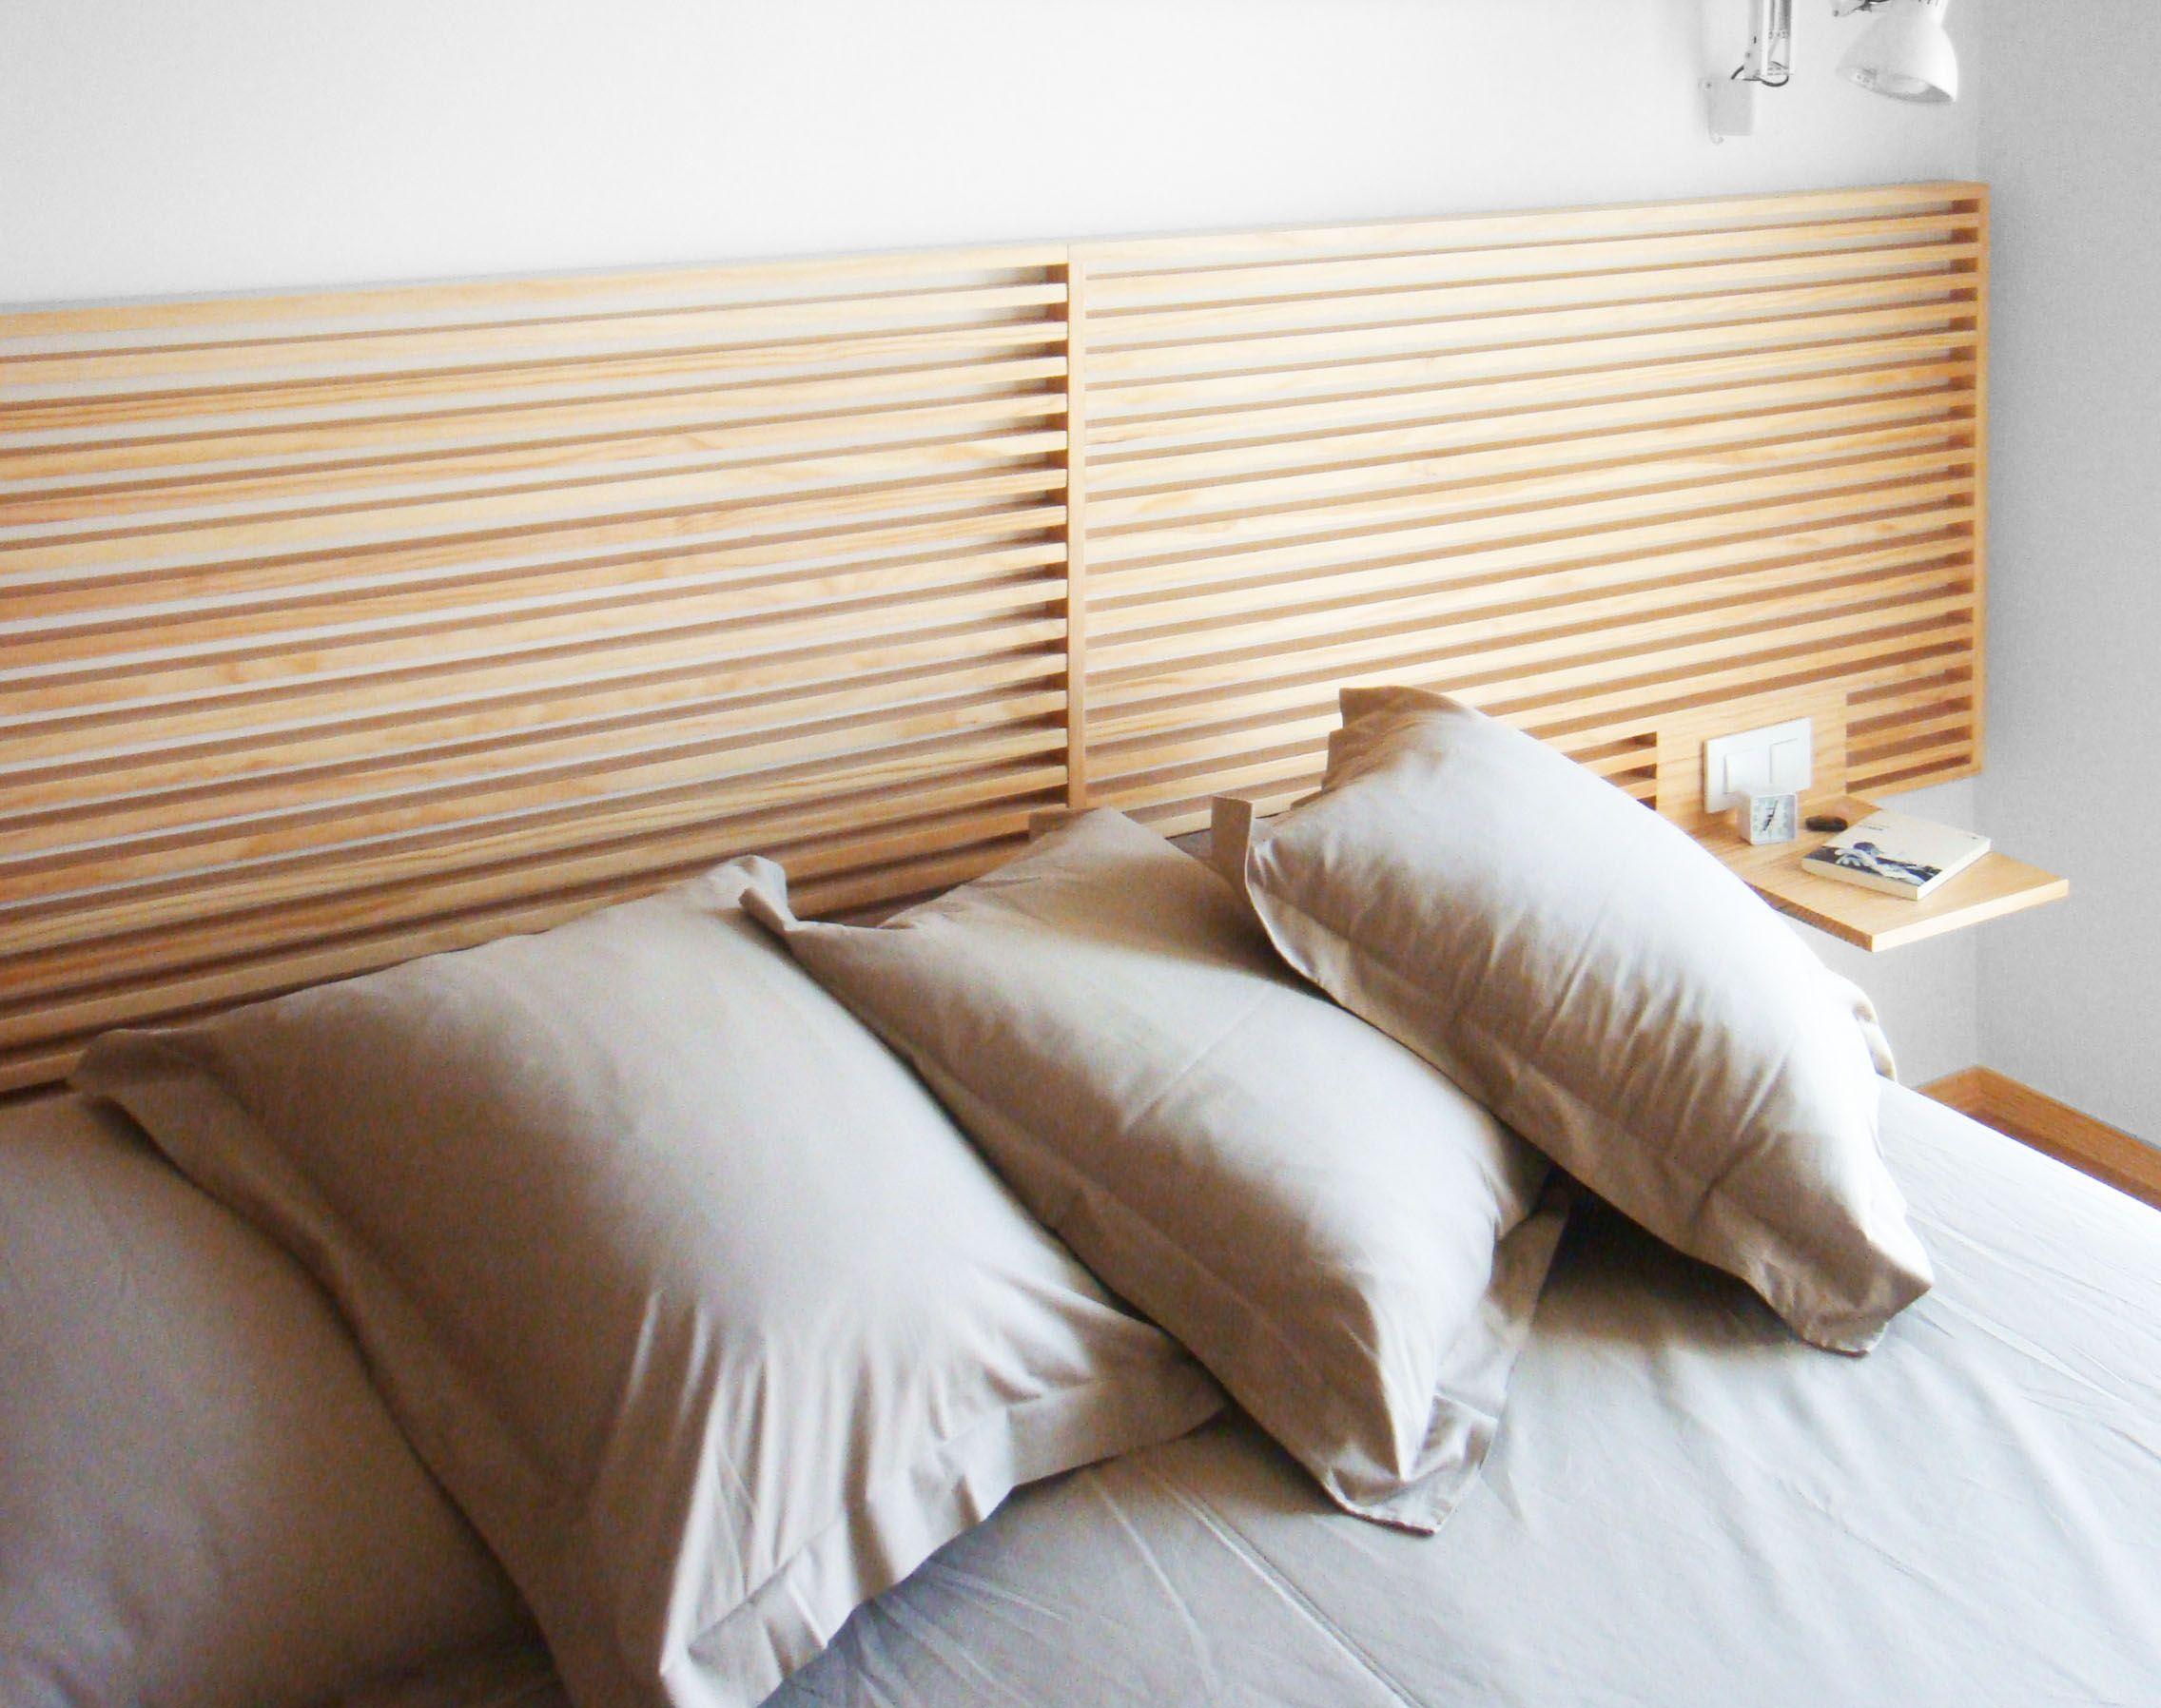 Imagen del cabecero de madera con las mesillas e - Interruptores de diseno ...